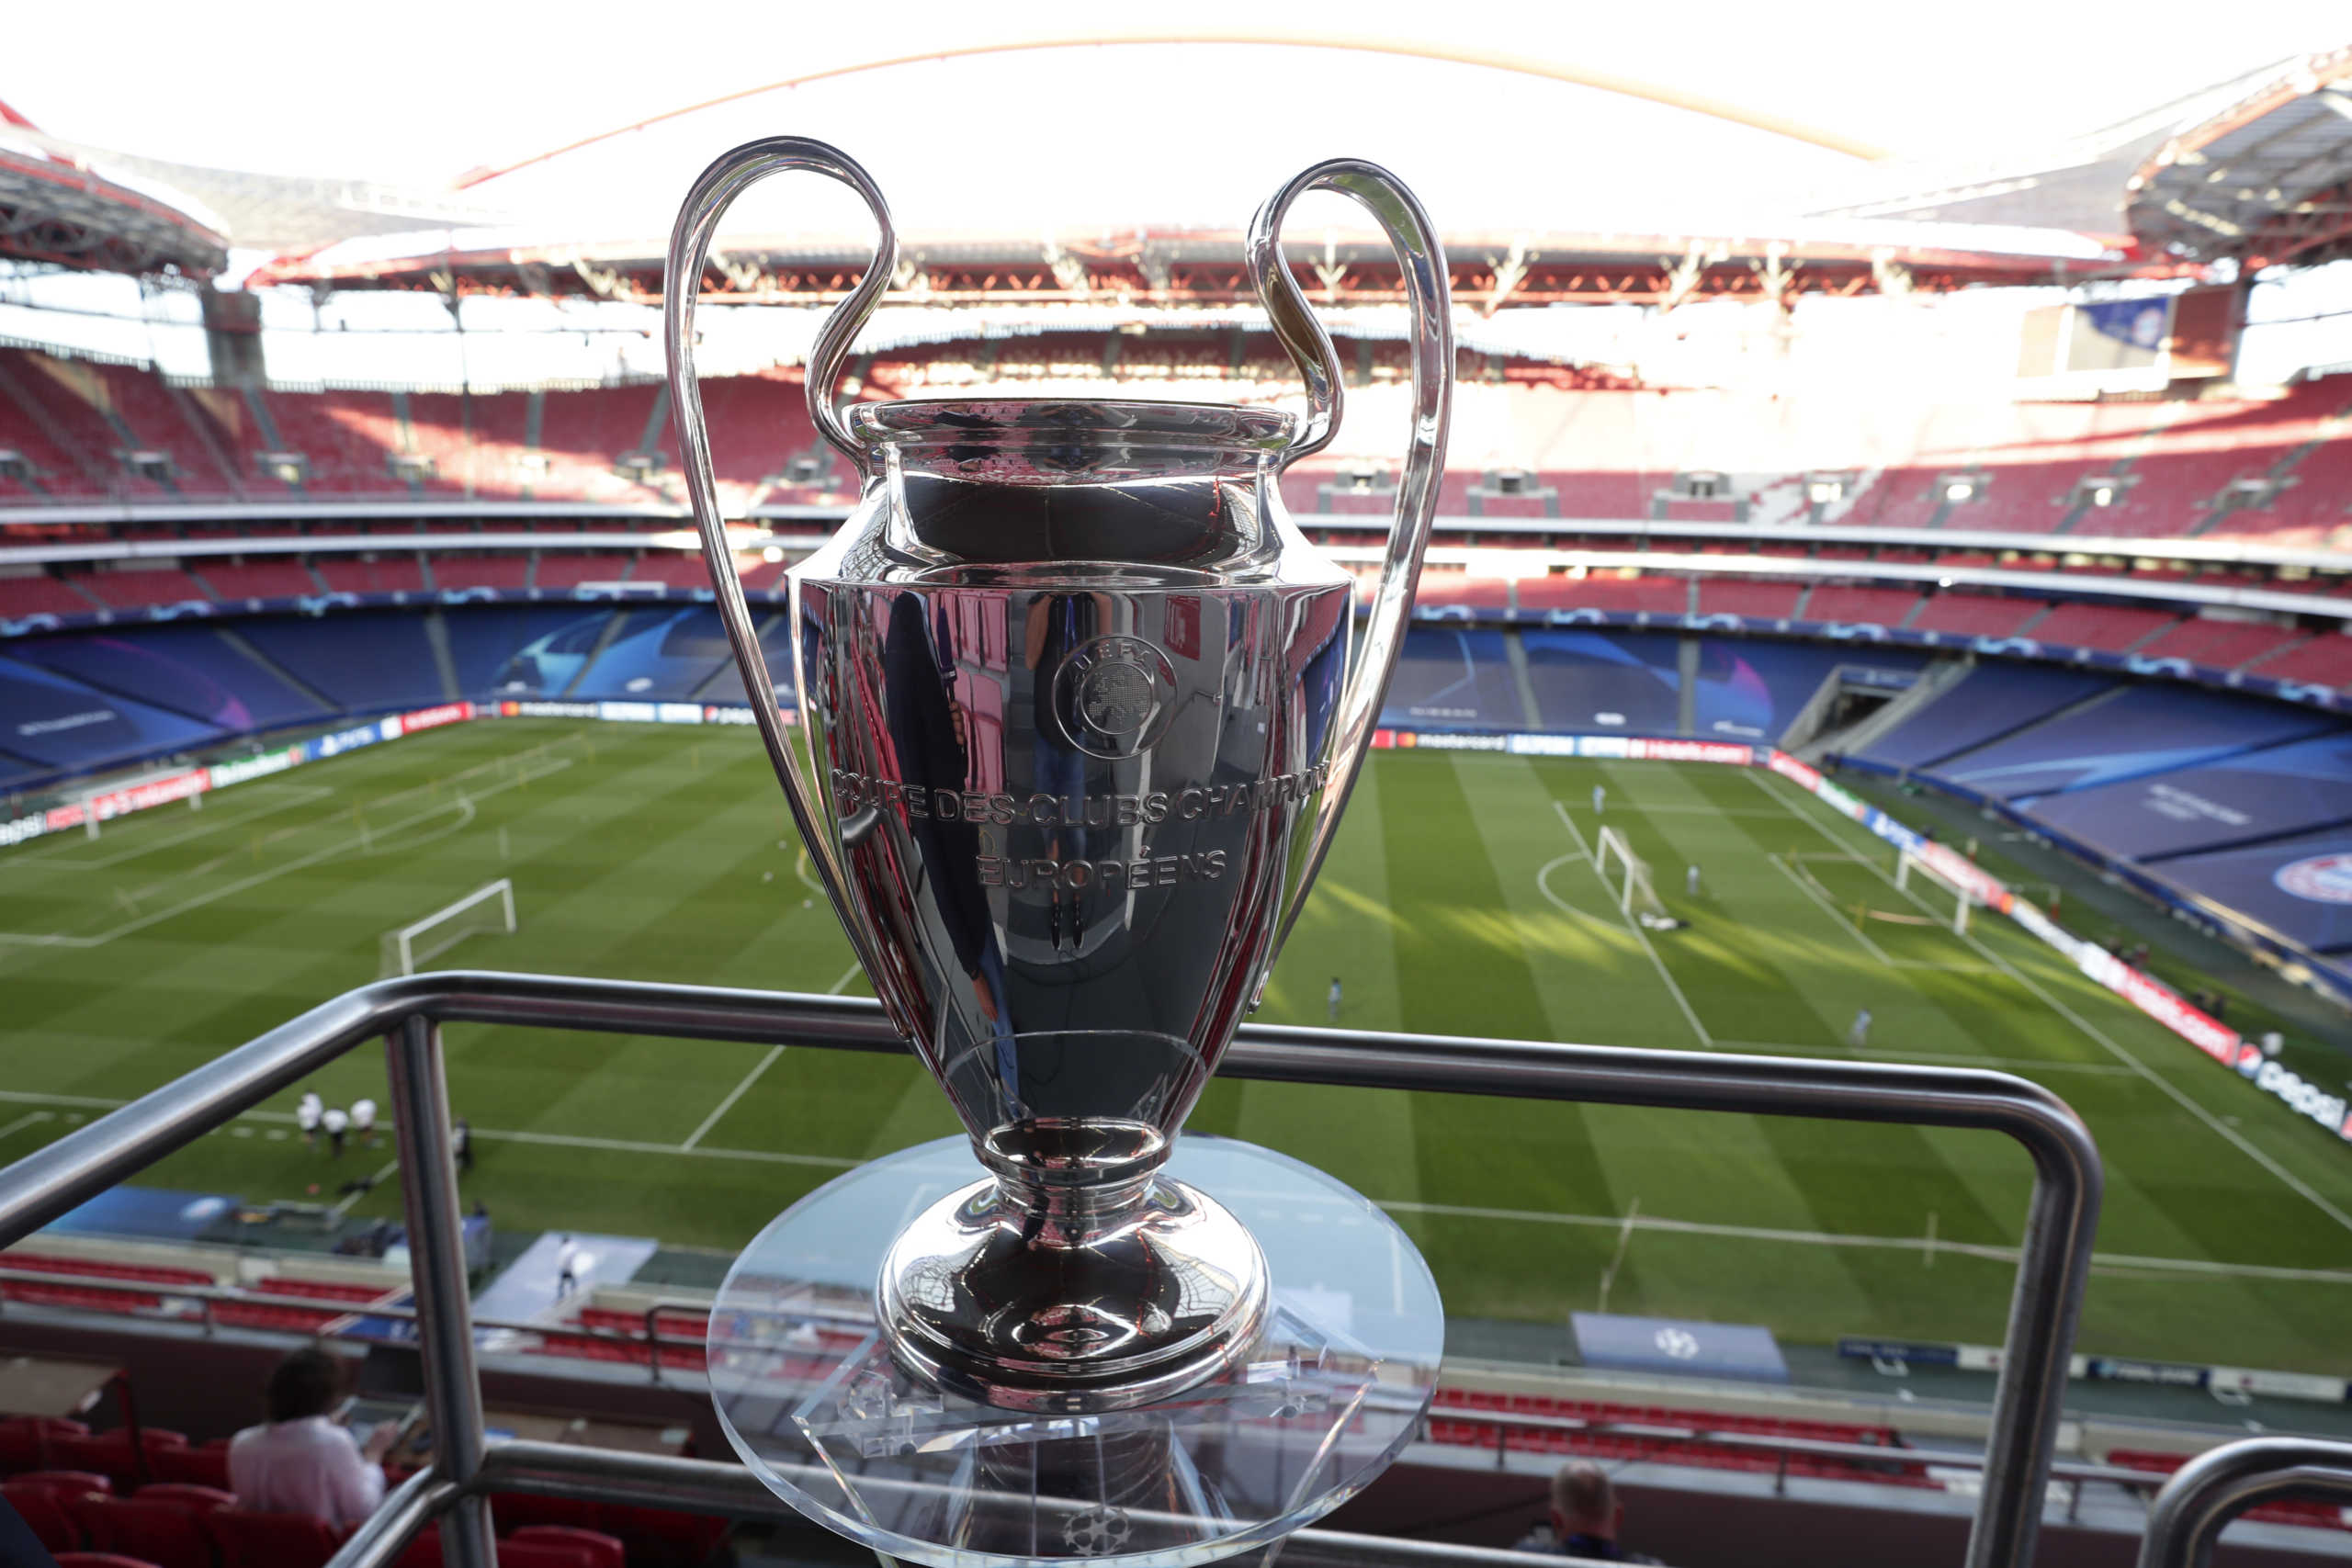 Τελικός Champions League: Ο κορονοϊός… λατρεύει πανηγυρισμούς και επεισόδια – Σε επιφυλακή η γαλλική αστυνομία